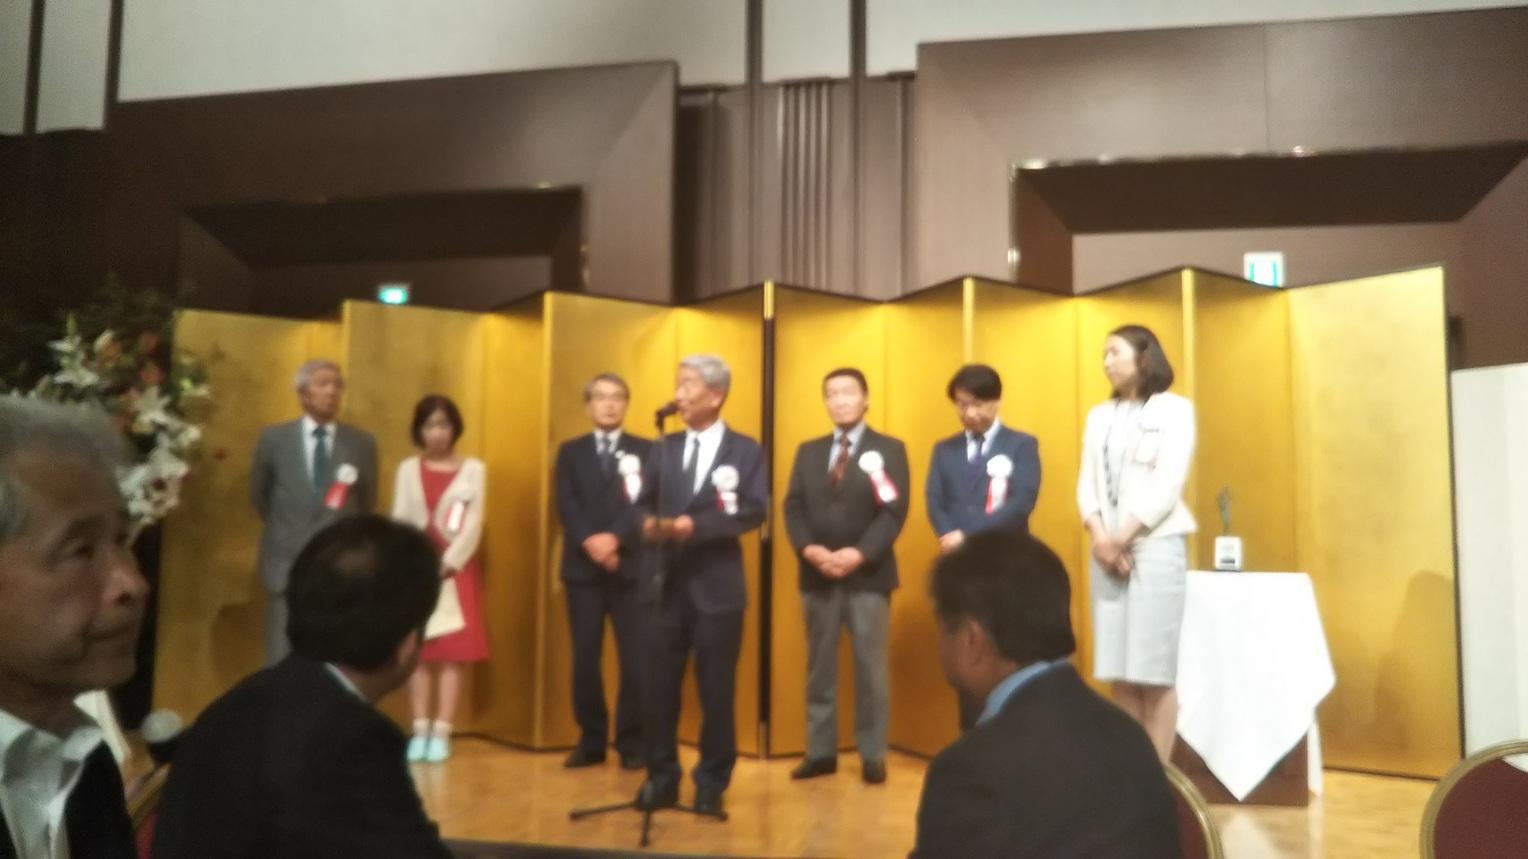 高橋孝之さん放送文化基金個人賞受賞祝賀會 - imai-cup ページ!